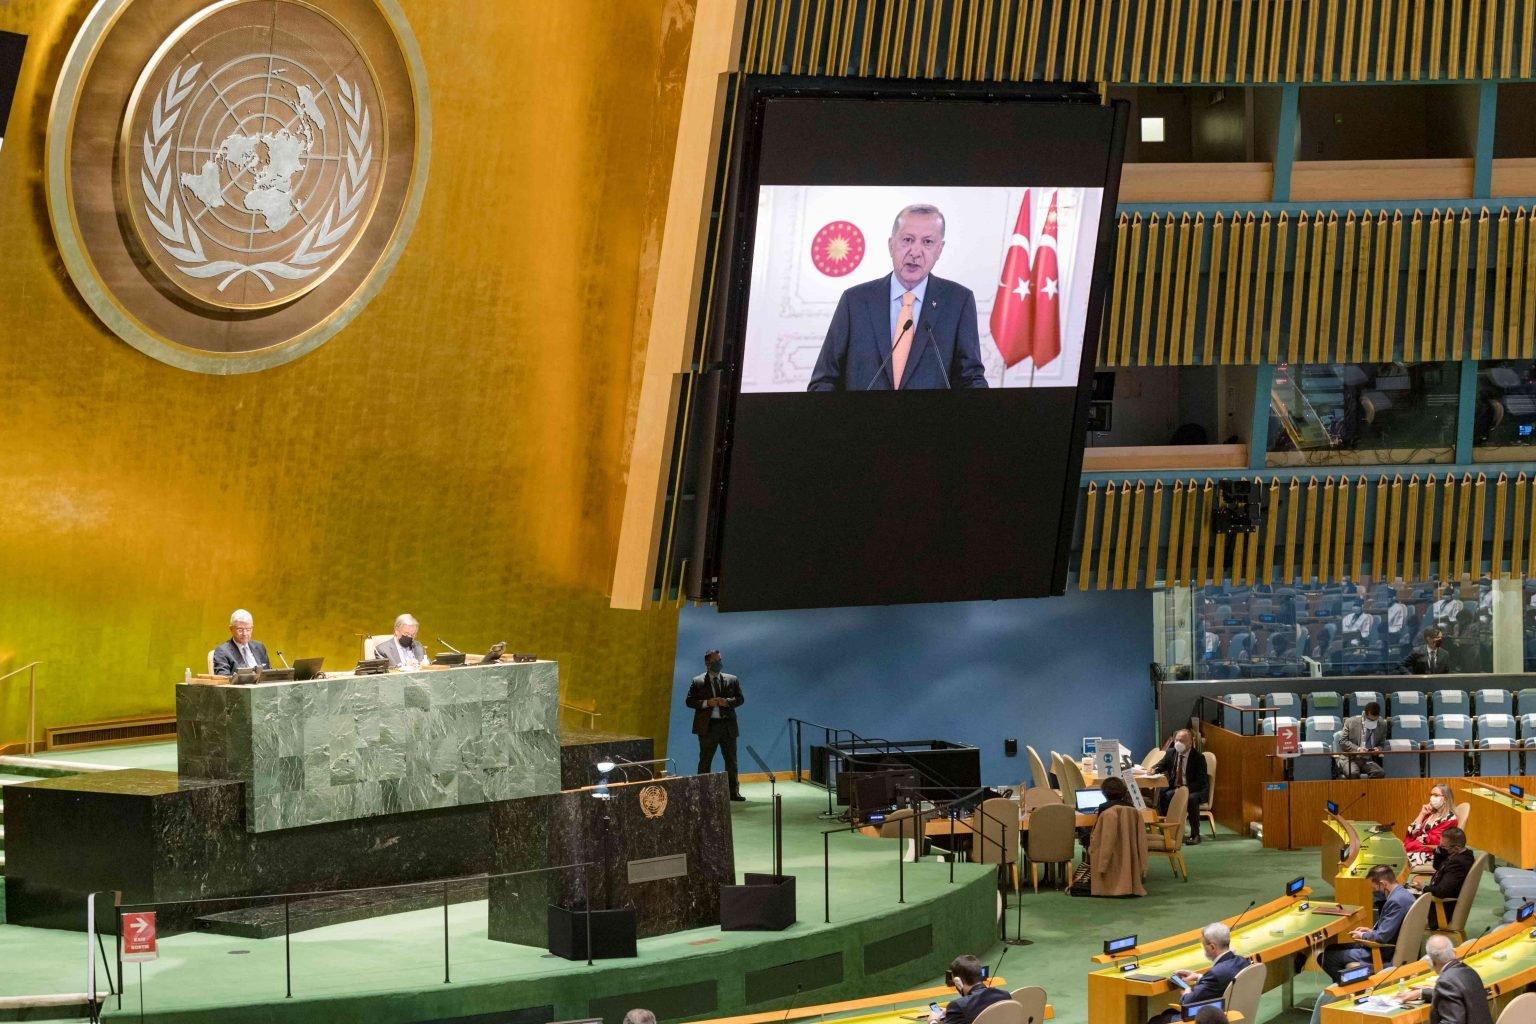 بالفيديو  ..  مندوب الكيان الصهيوني يغادر القاعة الأممية بعد كلمة الرئيس التركي رجب طيب أردوغان  ..  بماذا وصفهم؟